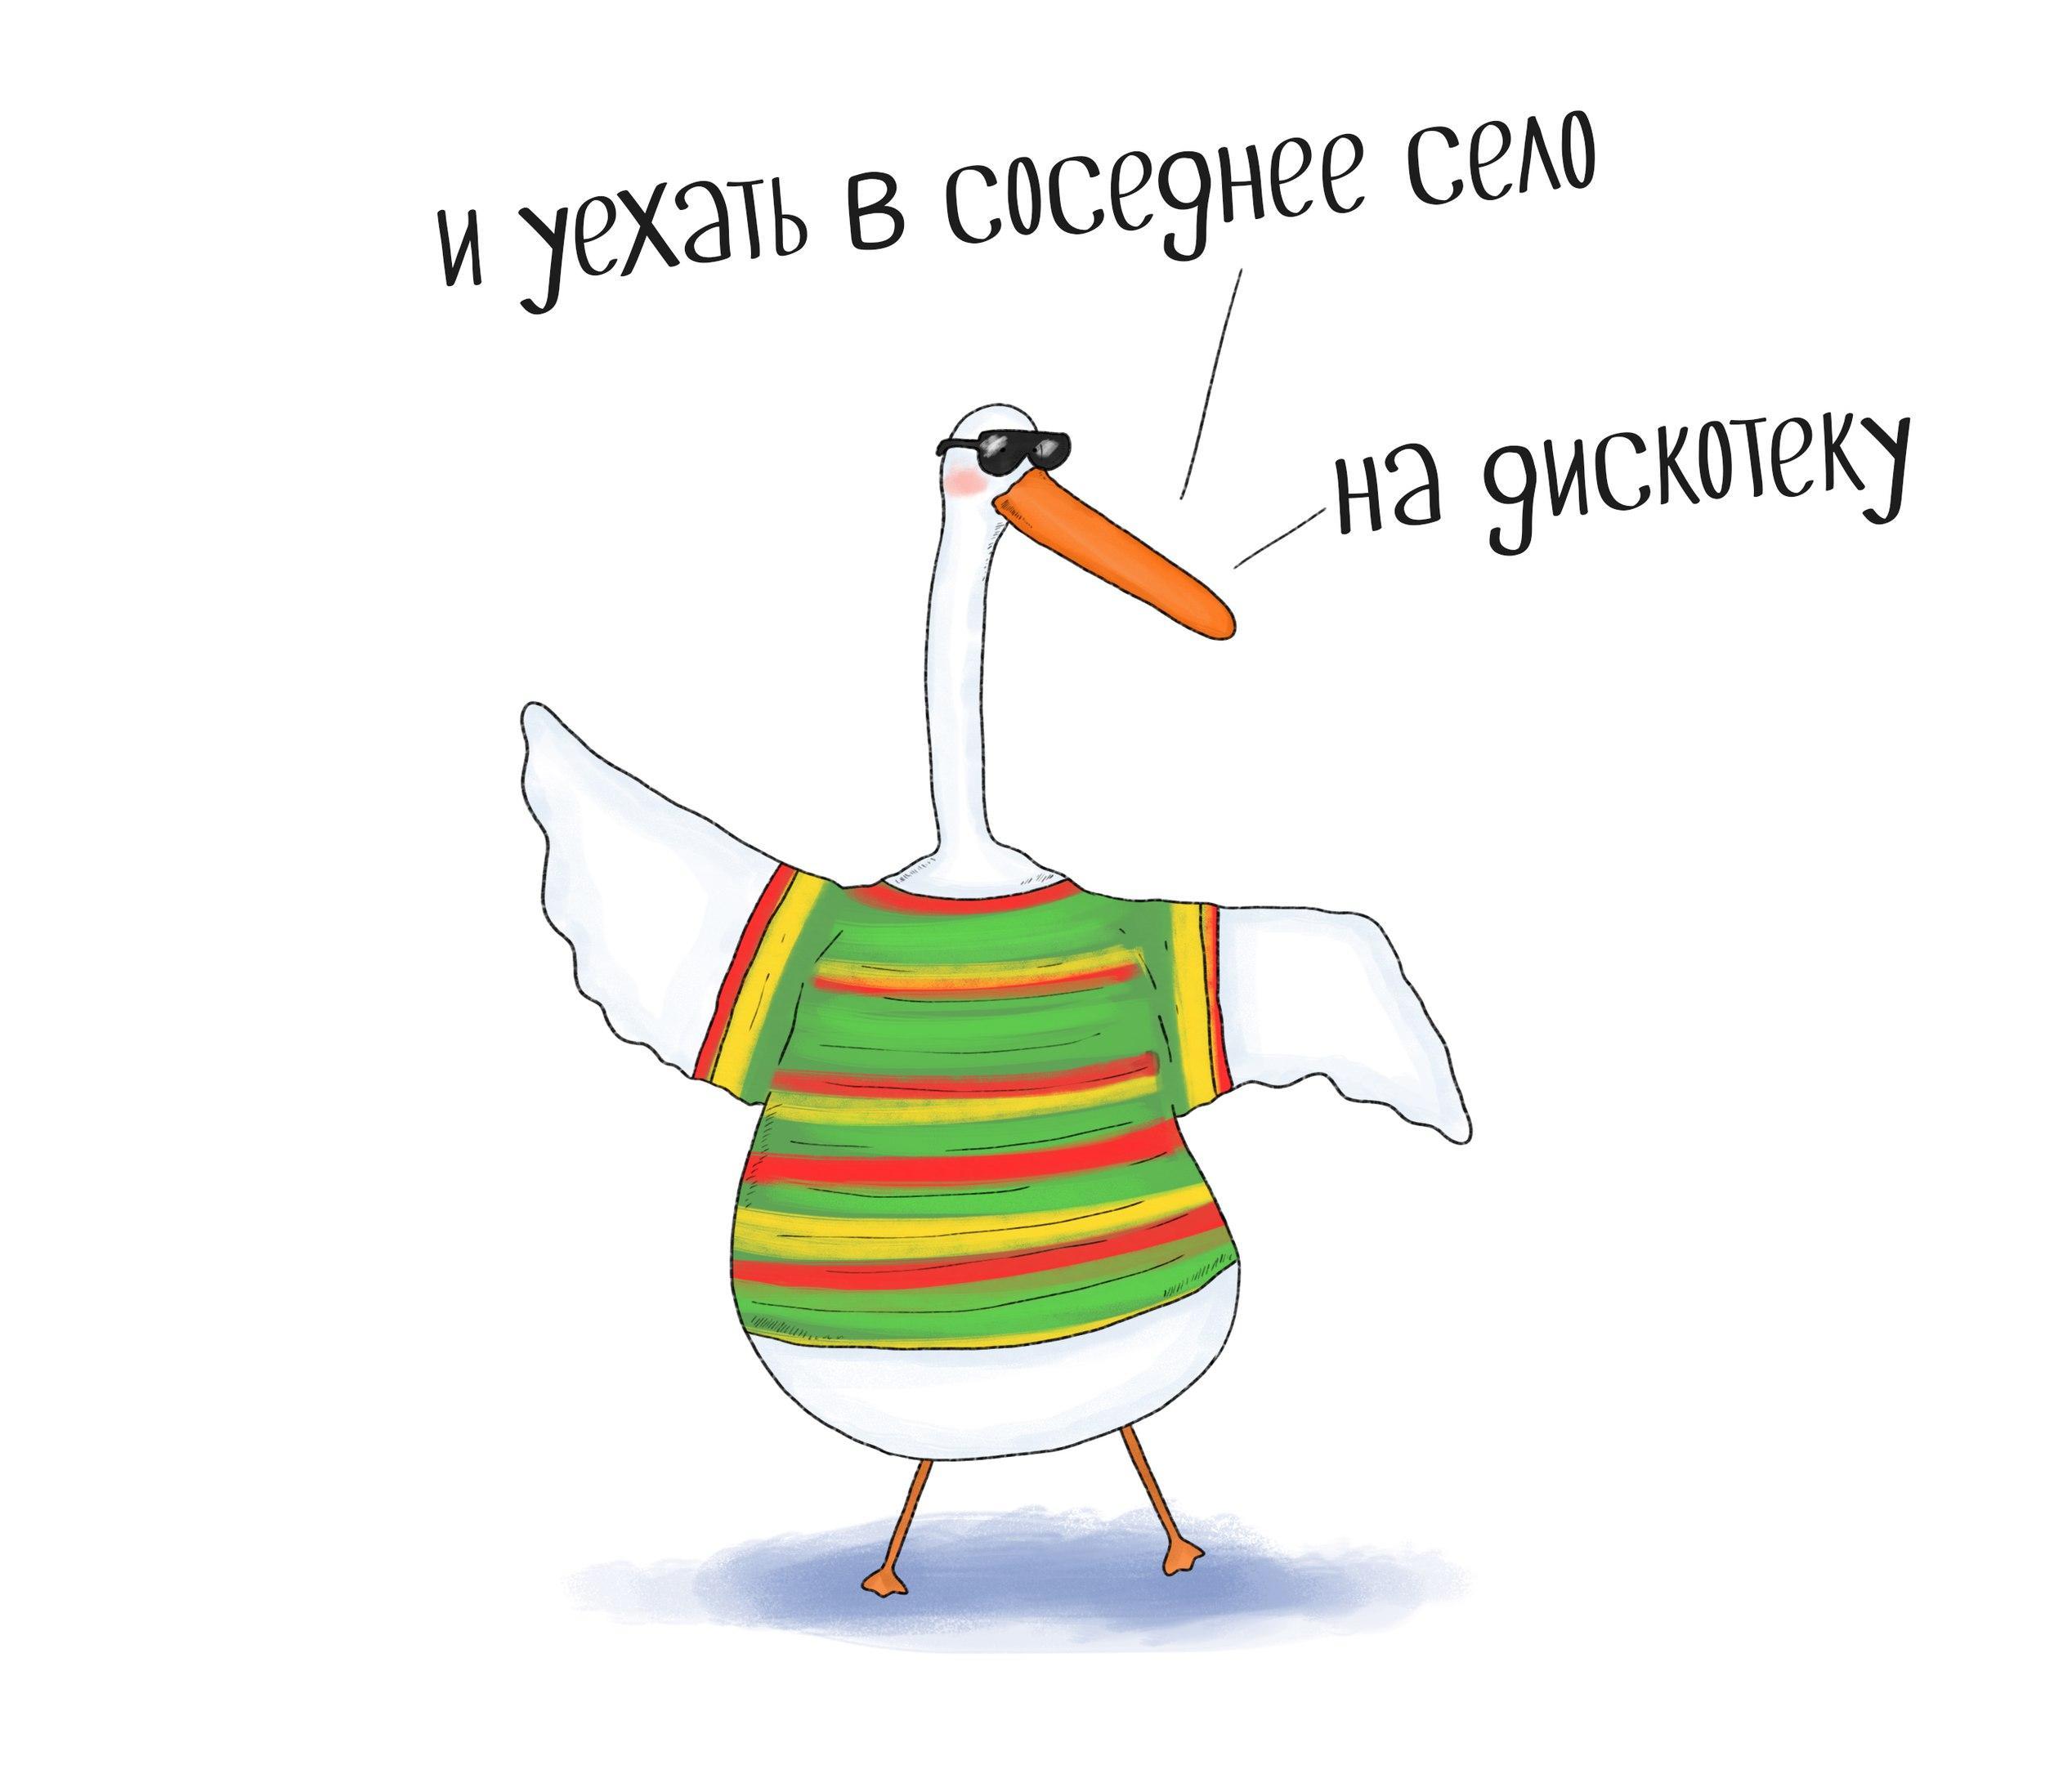 Лягушки анимация, смешные картинки про гуся